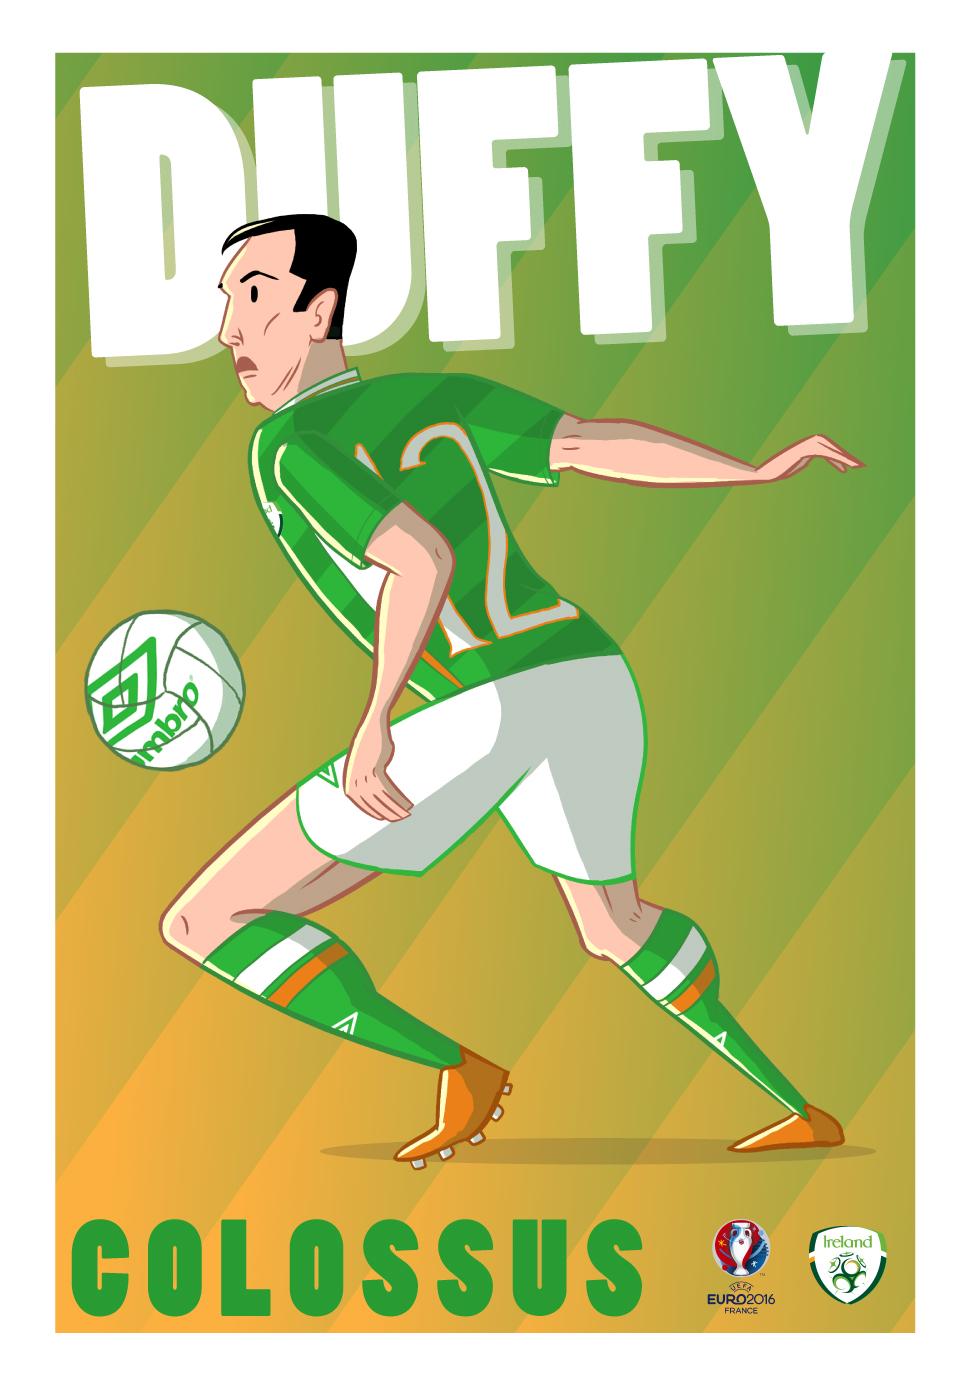 Shane-Duffy-1.jpg